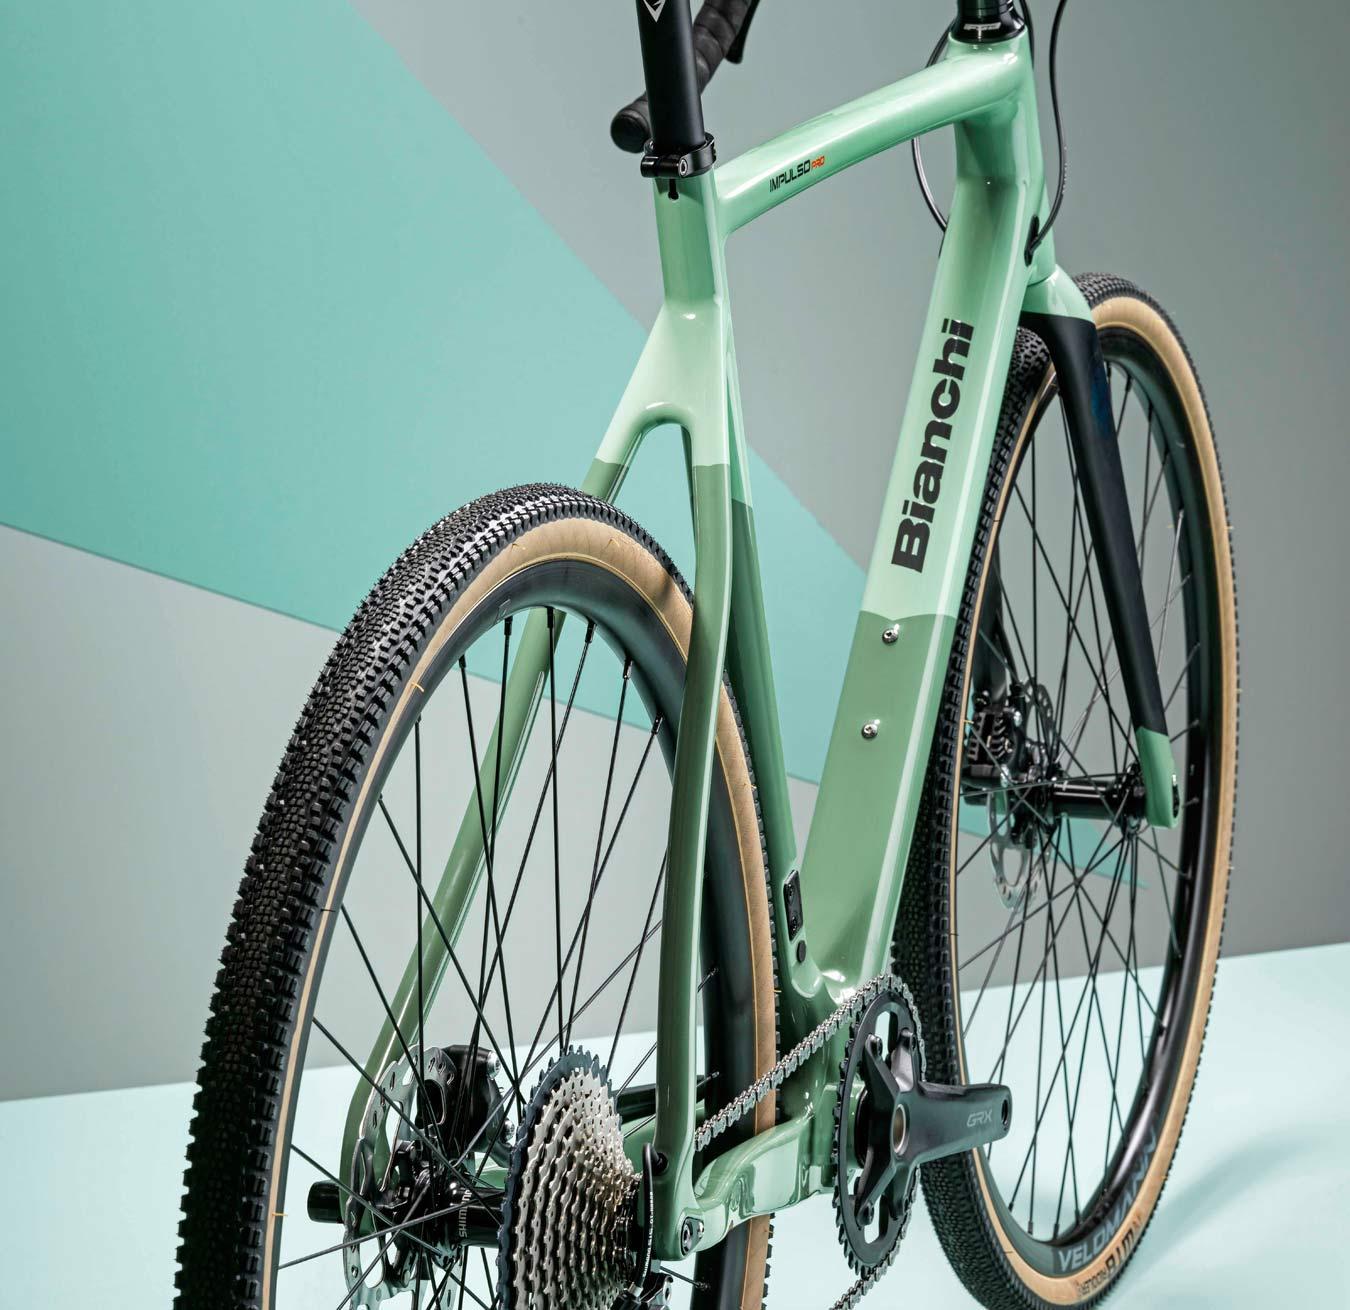 2022 Bianchi Impulso Pro carbon gravel bike, Zolder Pro CX cross cyclocross bike reborn,rear end